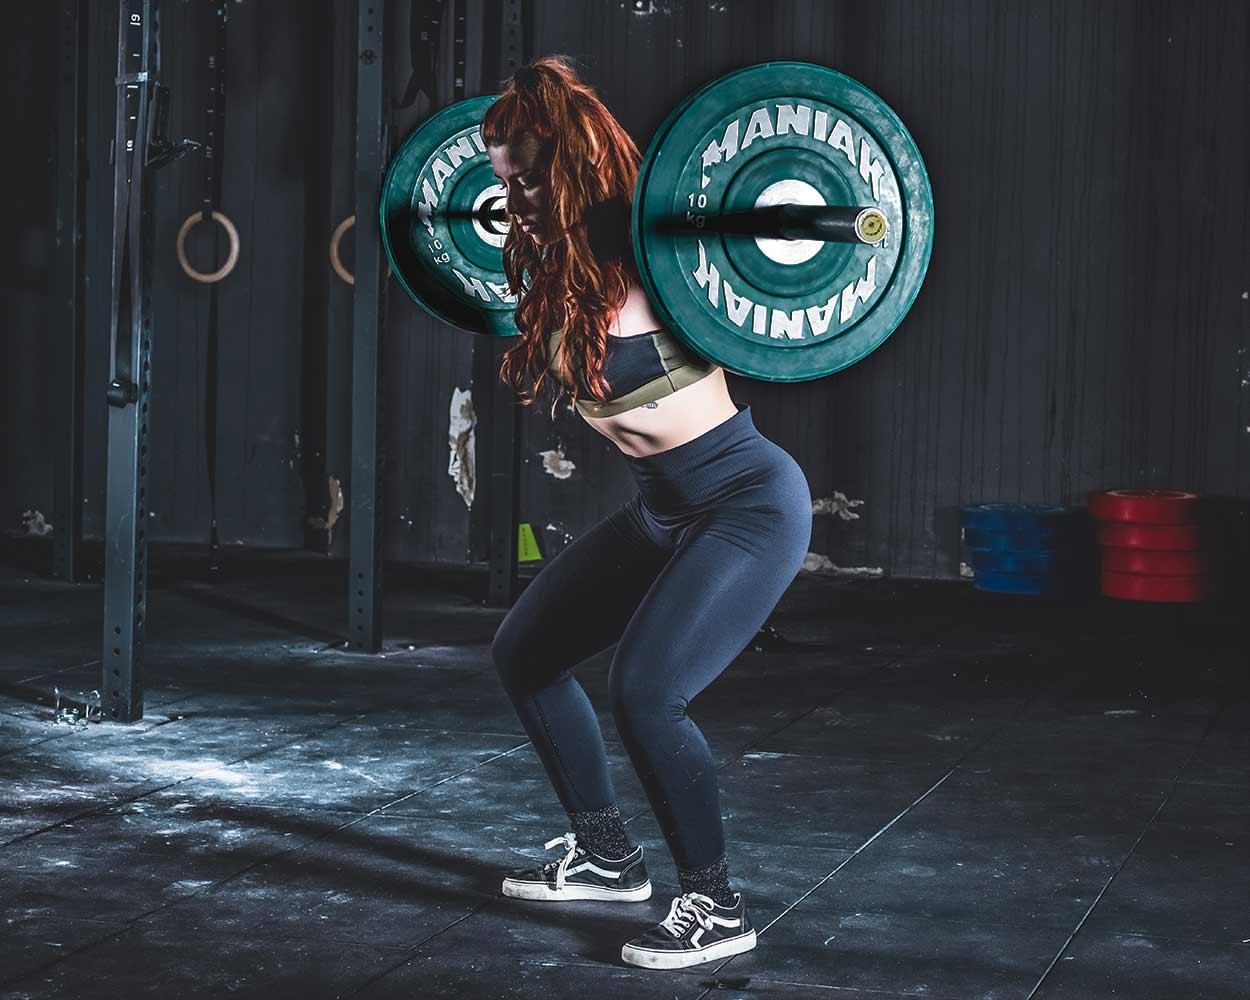 Sesión de fotos de publicidad en el gimnasio de una mujer joven que levanta una barra pesada